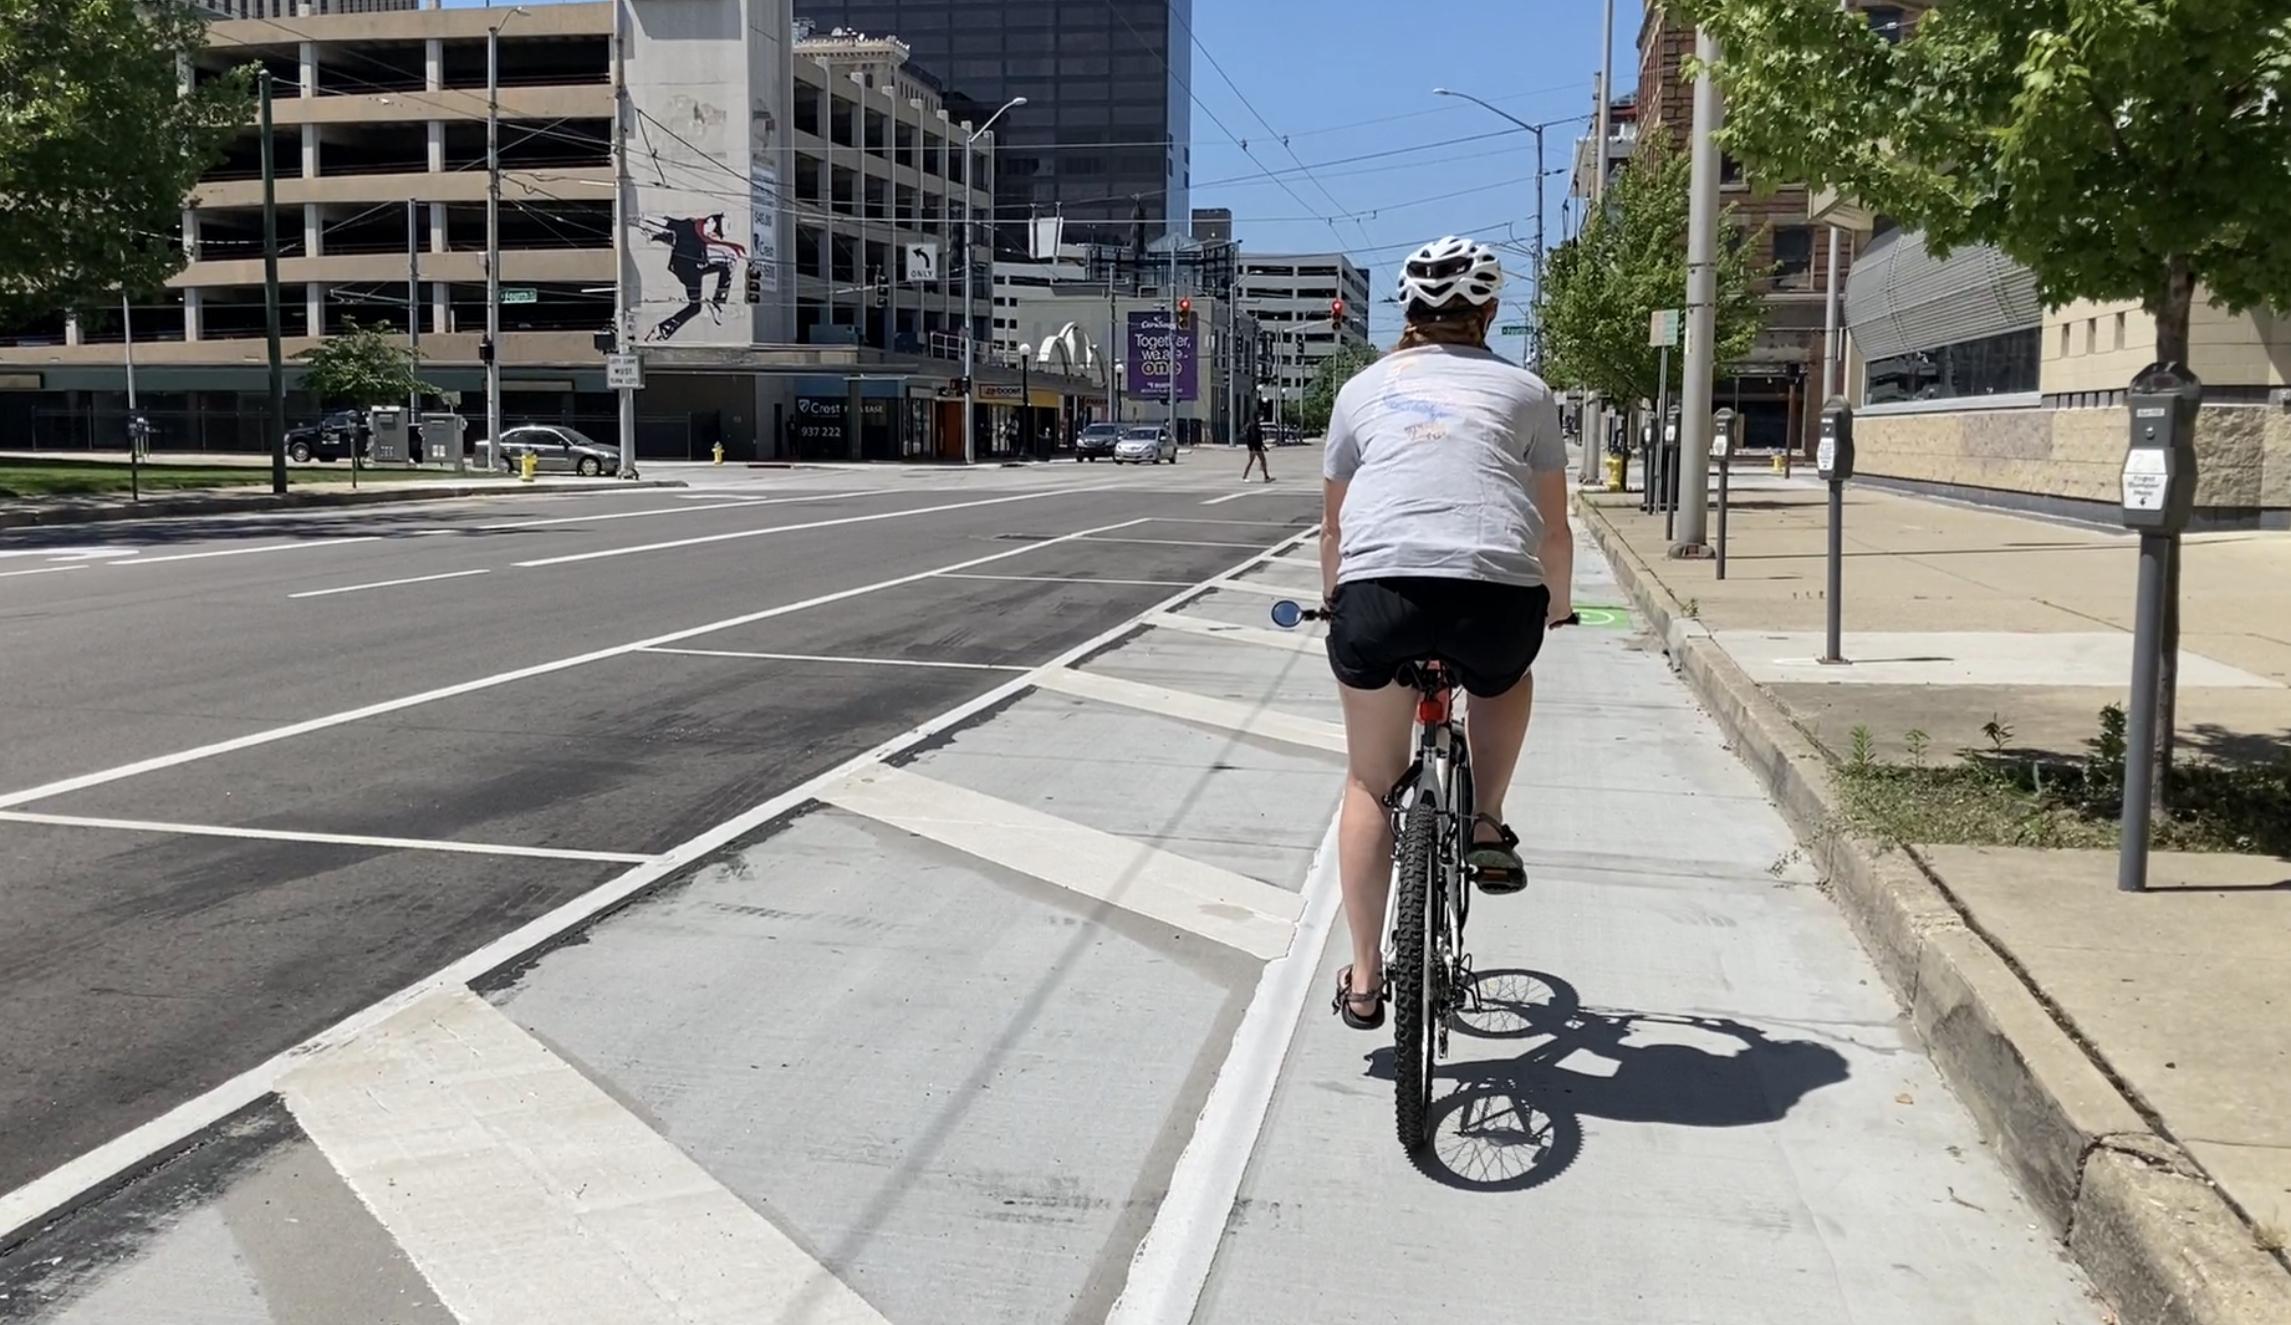 bike riding in downtown Dayton